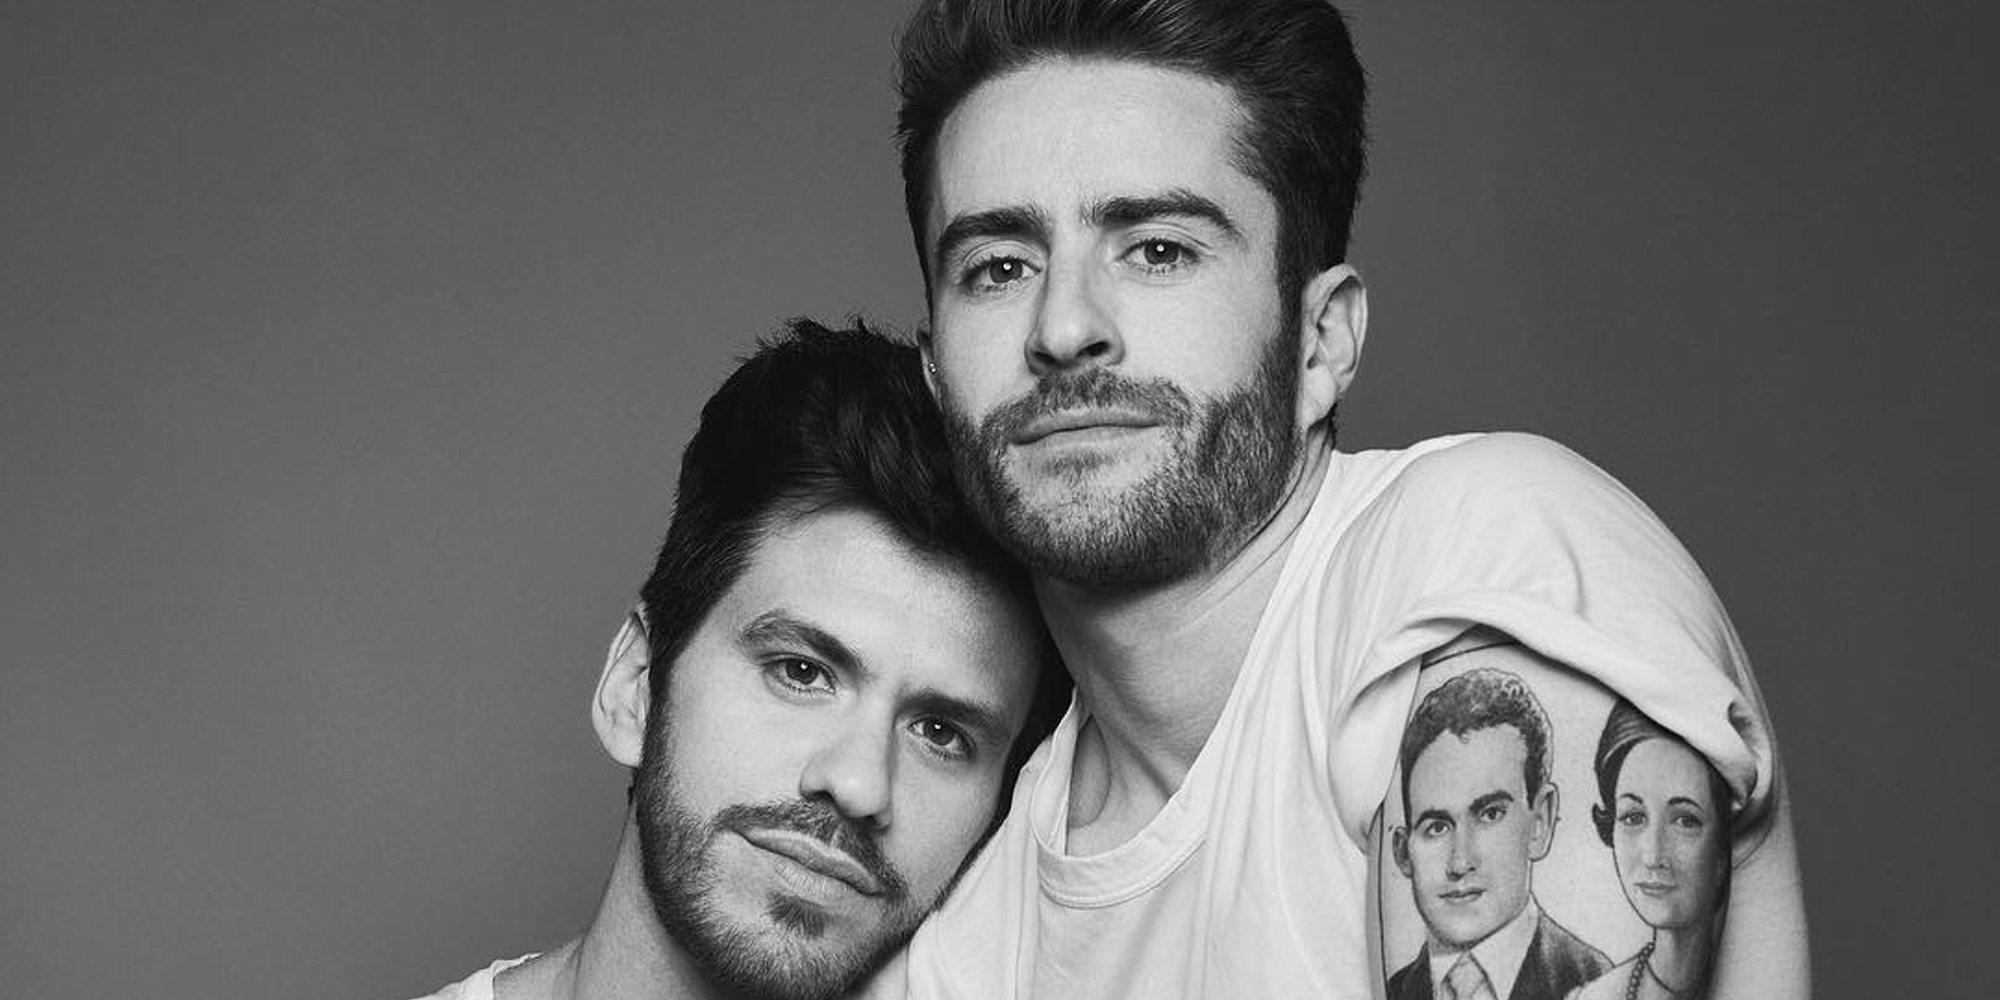 La boda de Pelayo Díaz y Andy McDougall: todos los detalles del día más feliz de sus vidas